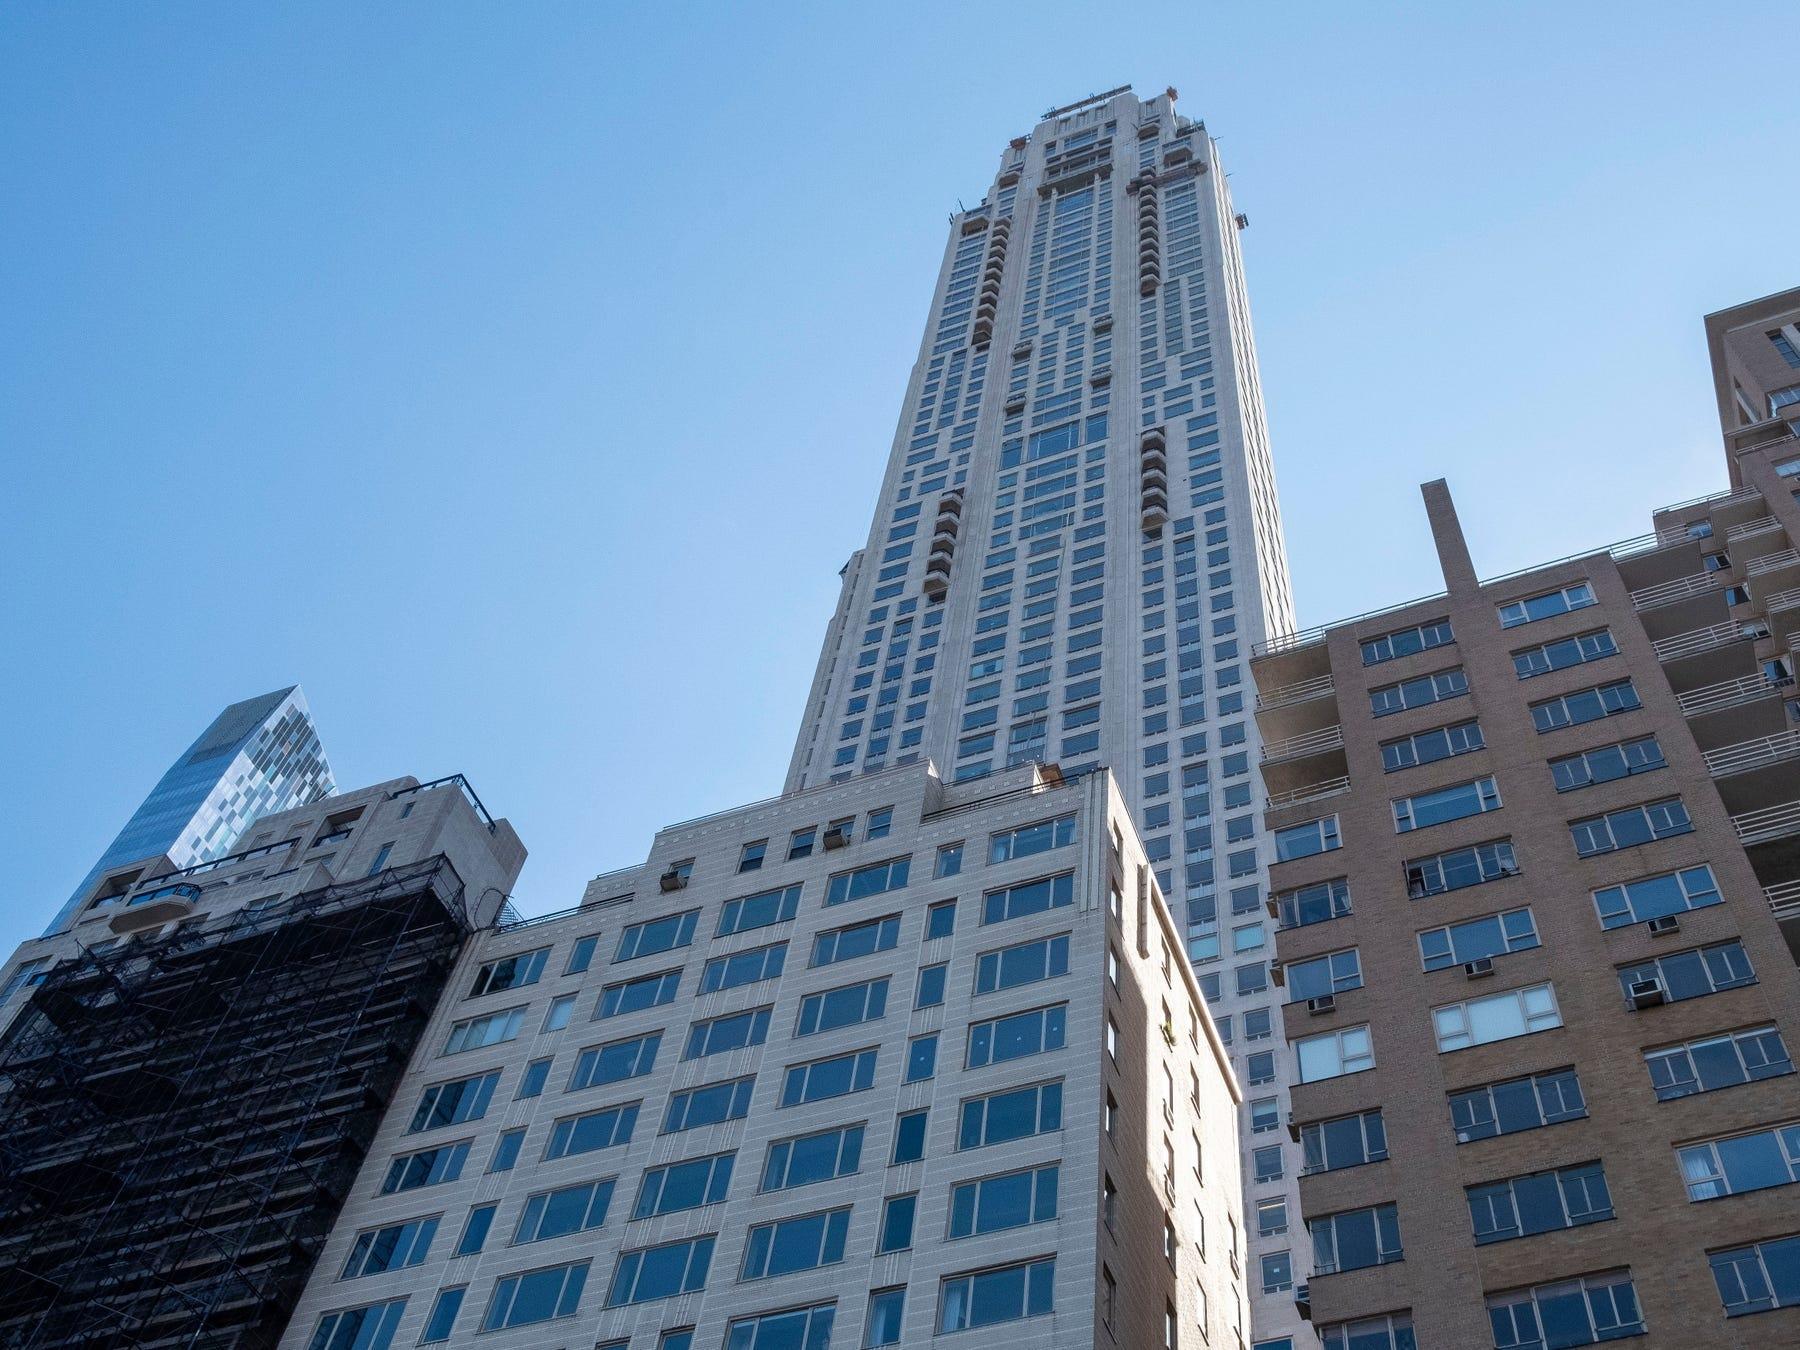 dai gia chi 999 trieu usd mua penthouse tren pho ty phu o new york